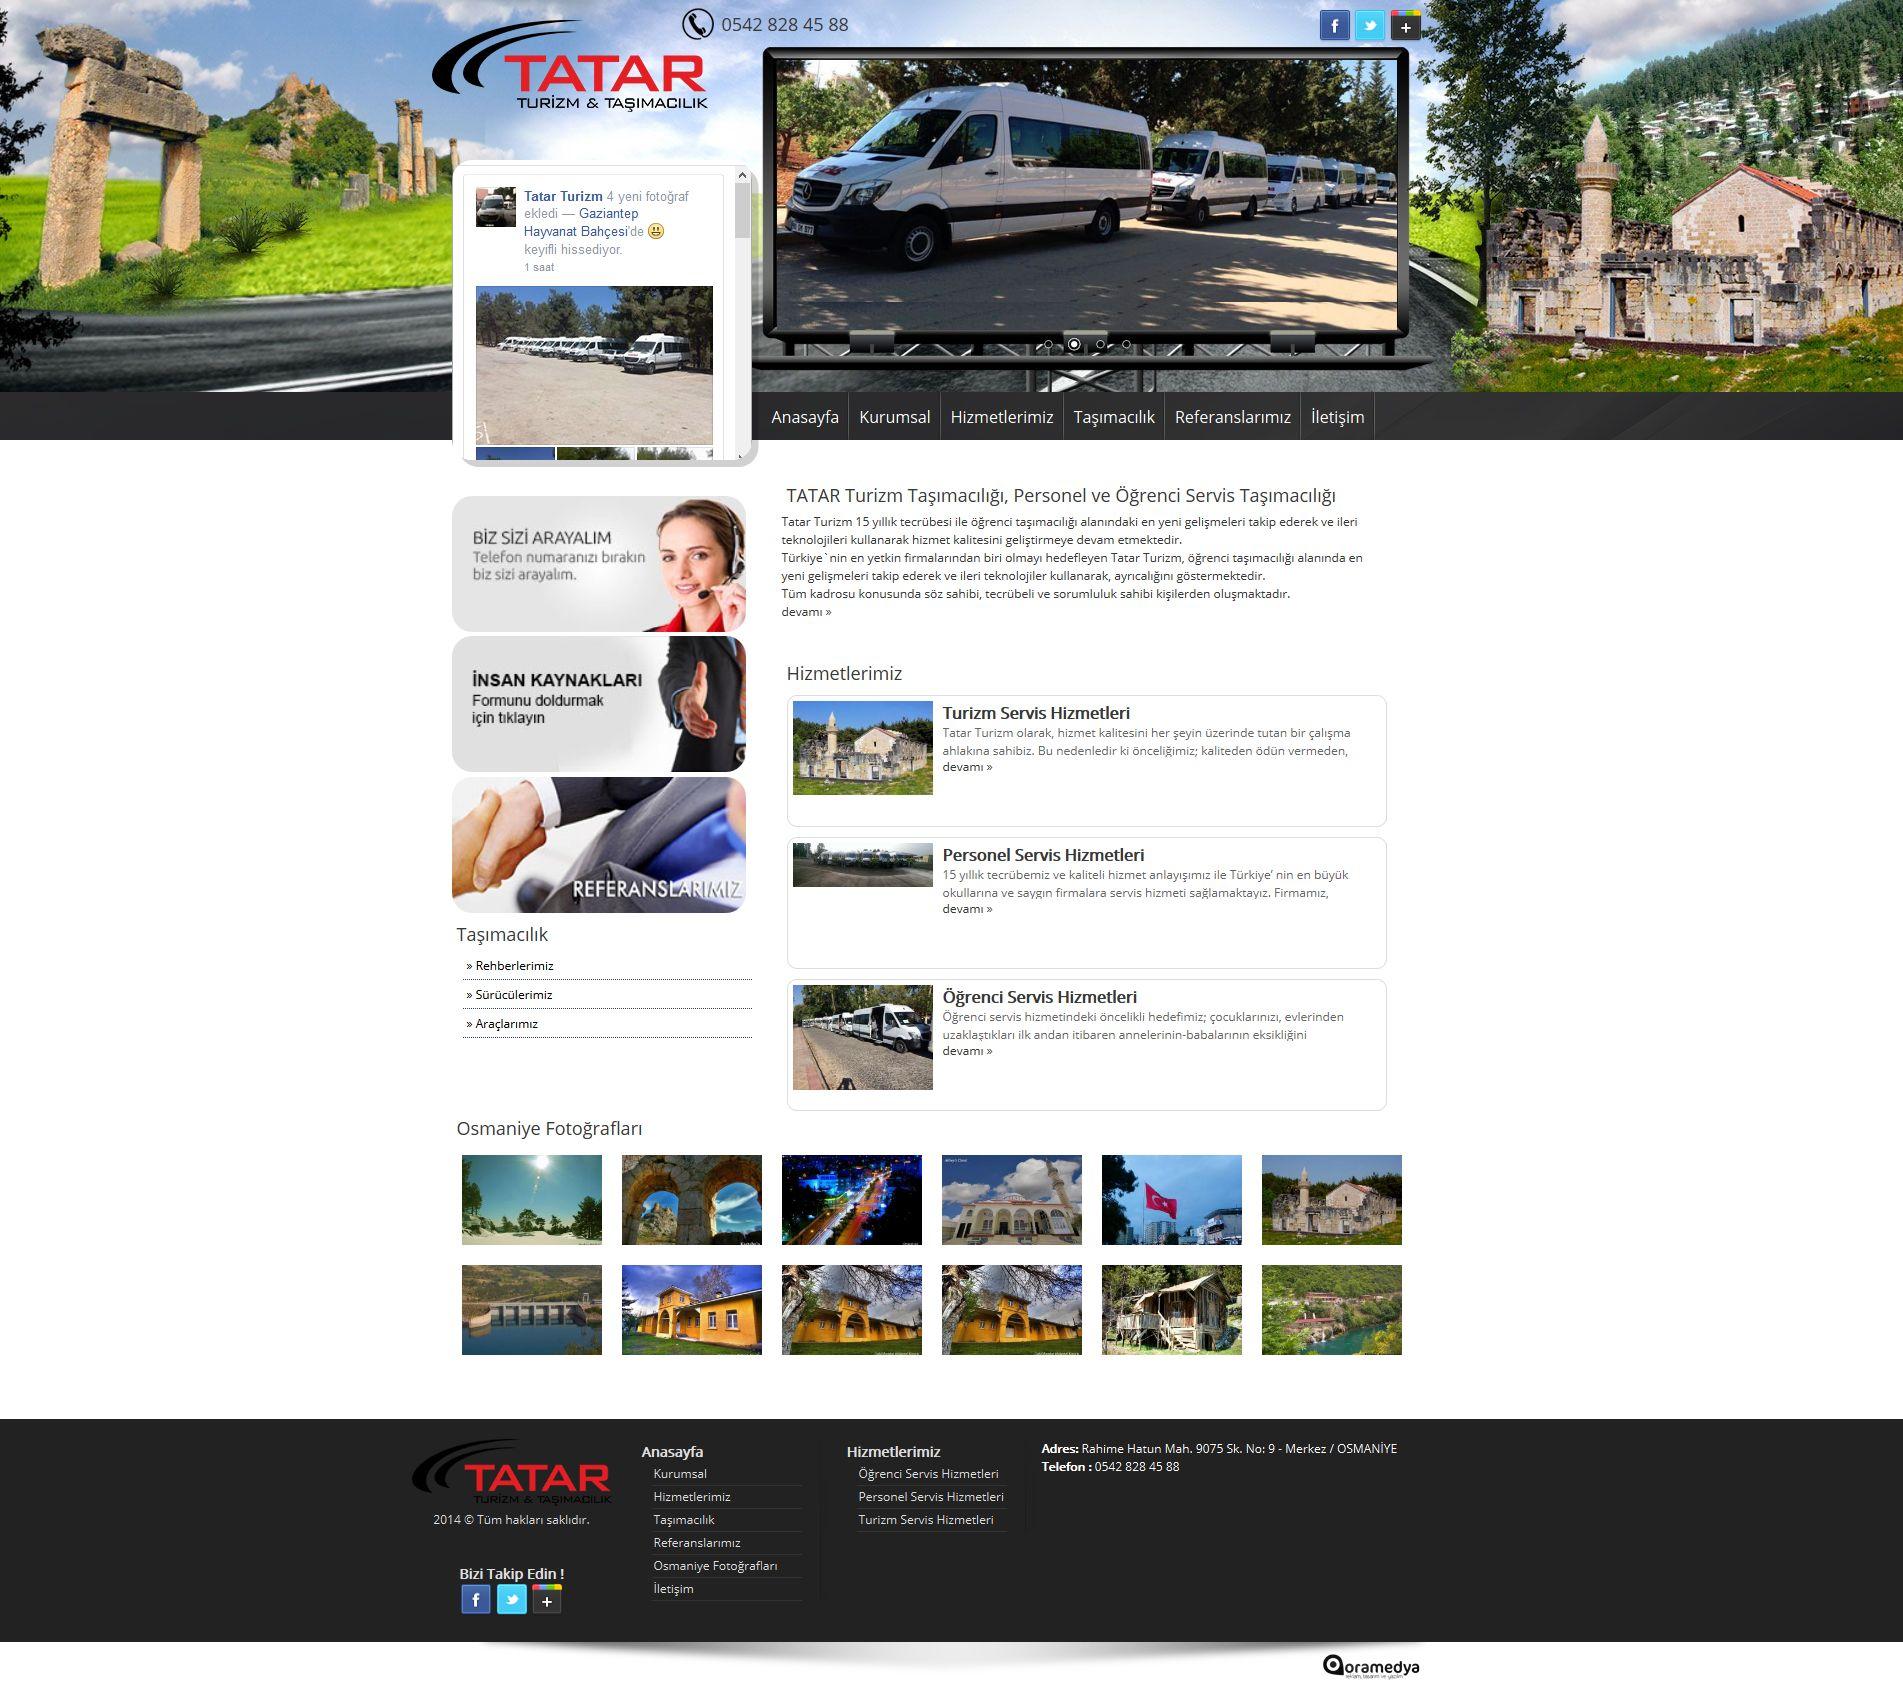 TATAR Turizm Osmaniye web tasarım